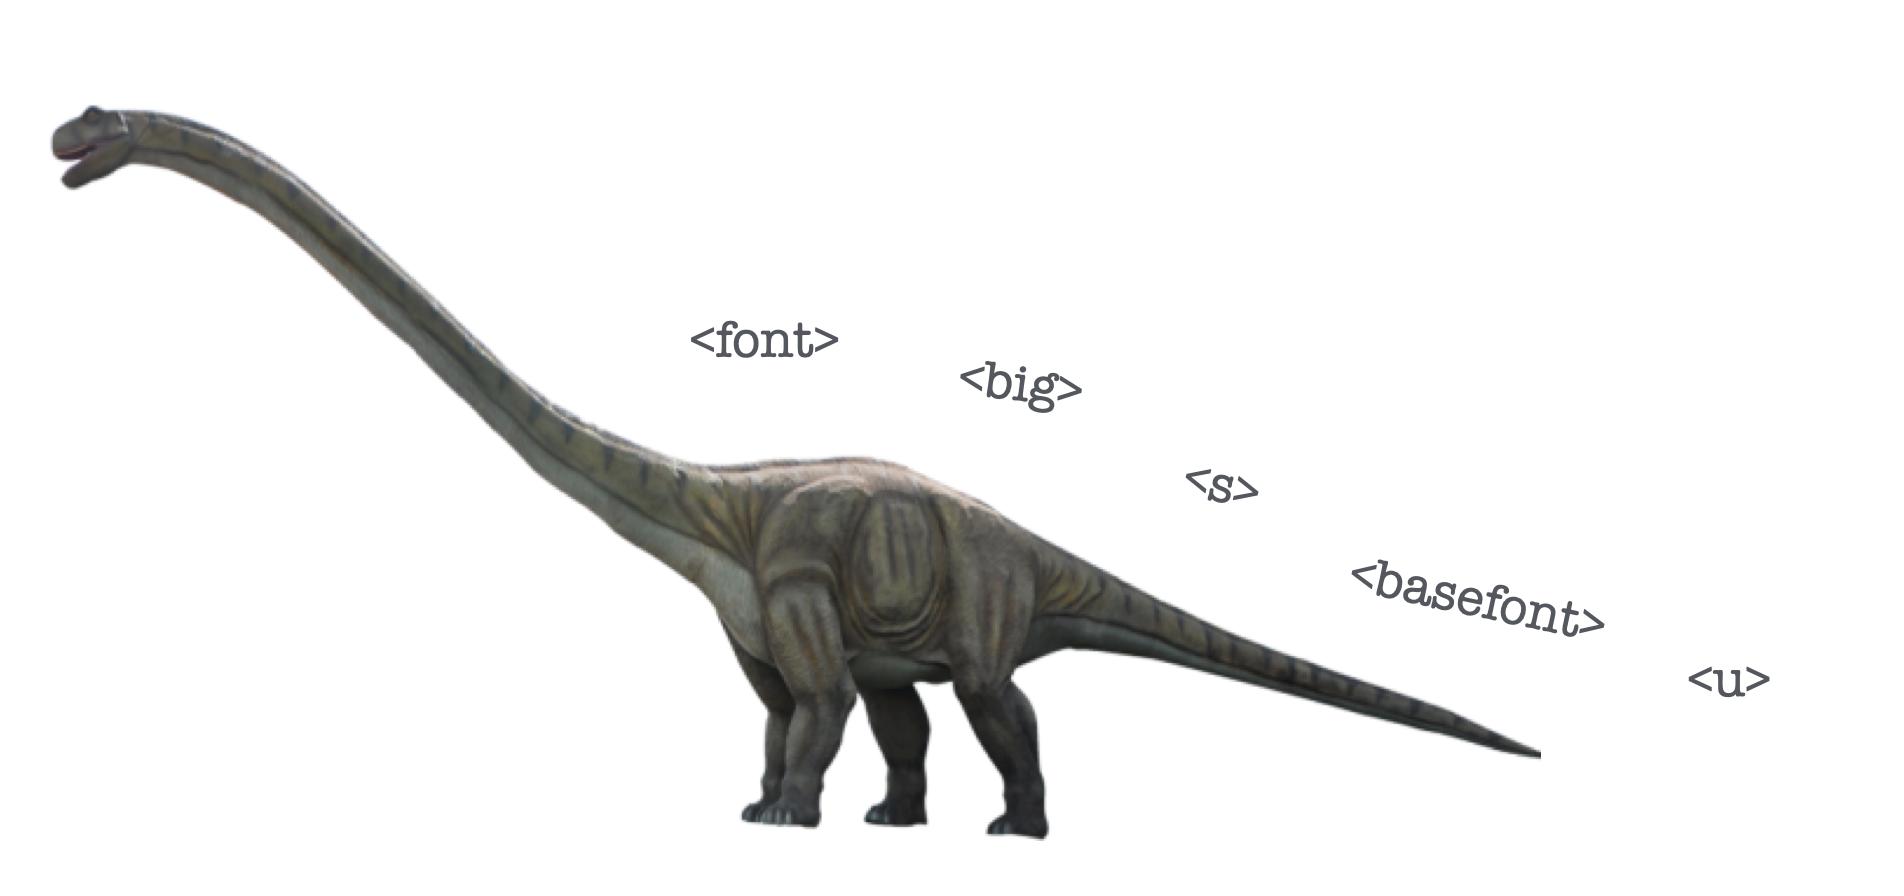 le dinosaure du HTML